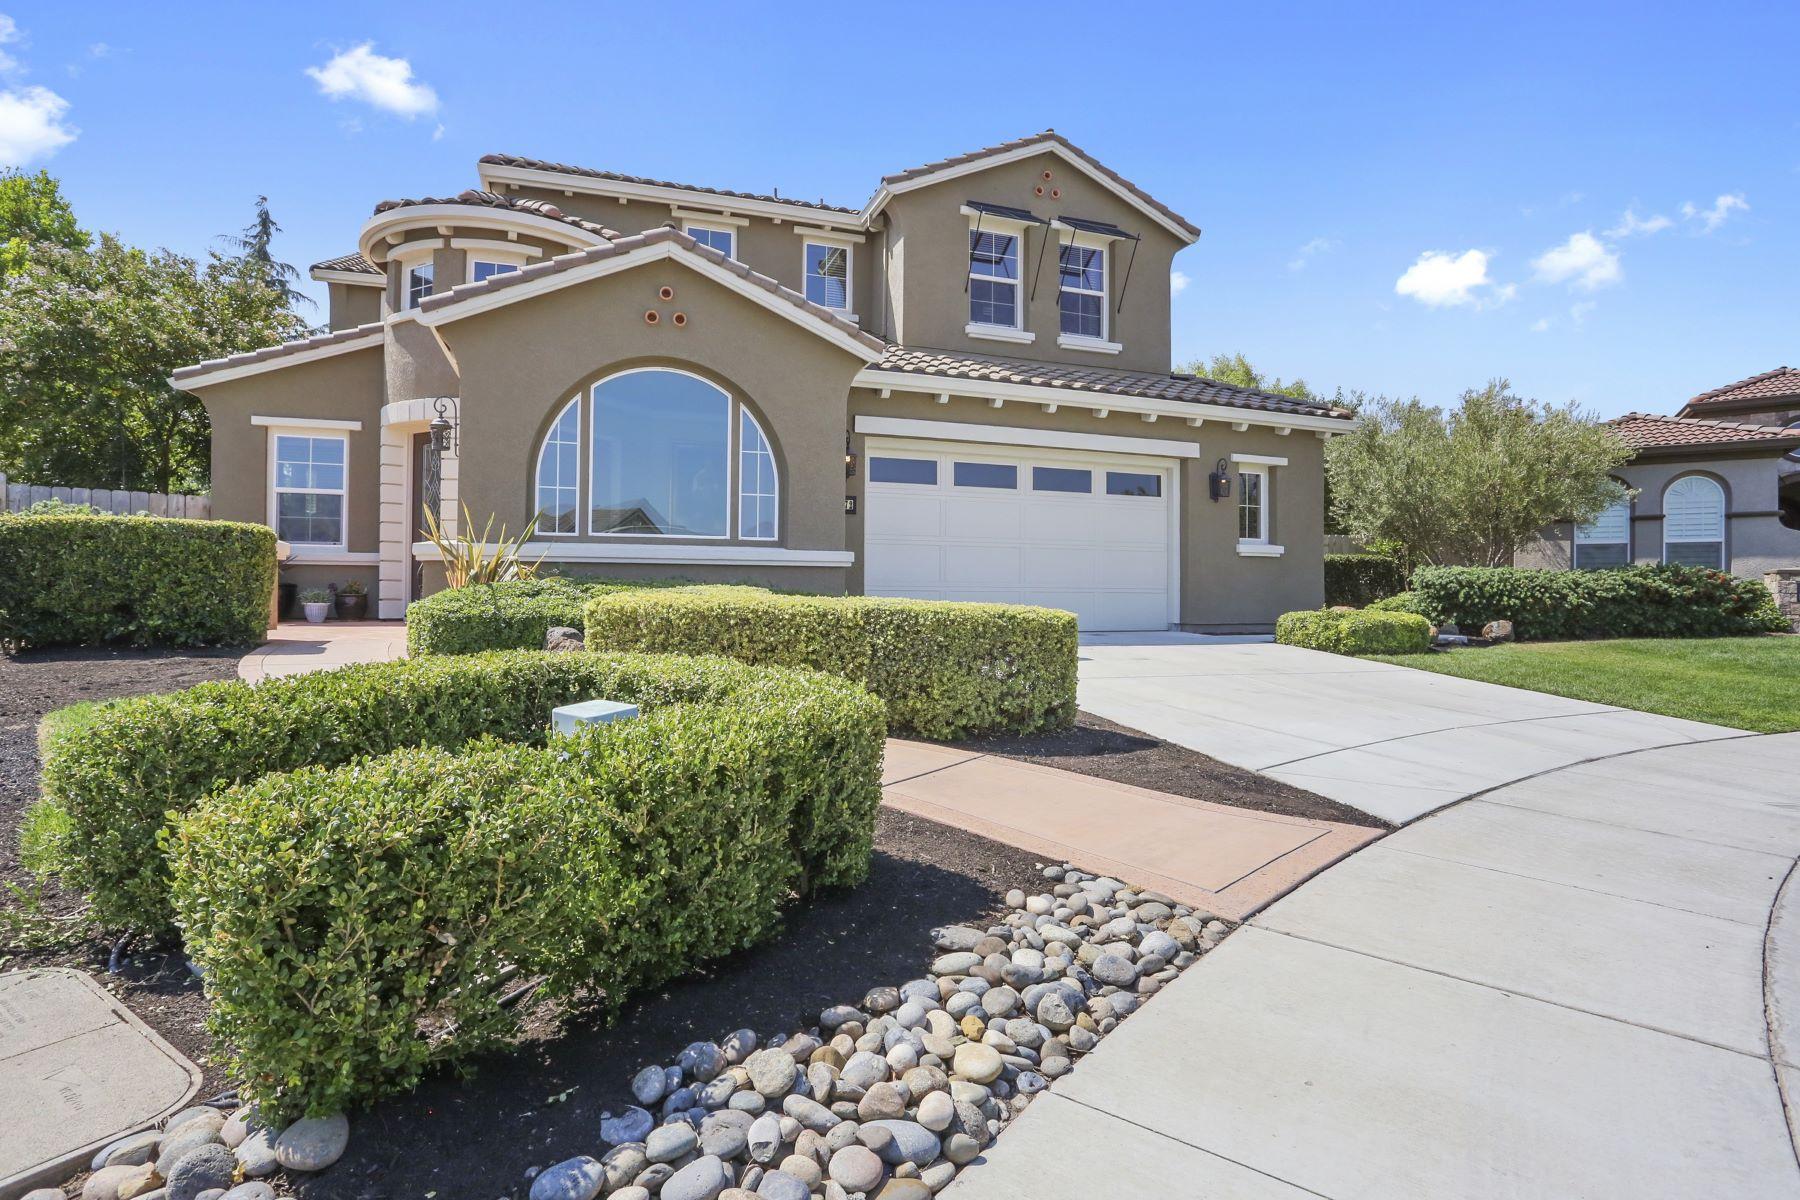 Einfamilienhaus für Verkauf beim Gorgeous Former Model Home 1172 Glen Abbey Court Manteca, Kalifornien 95336 Vereinigte Staaten